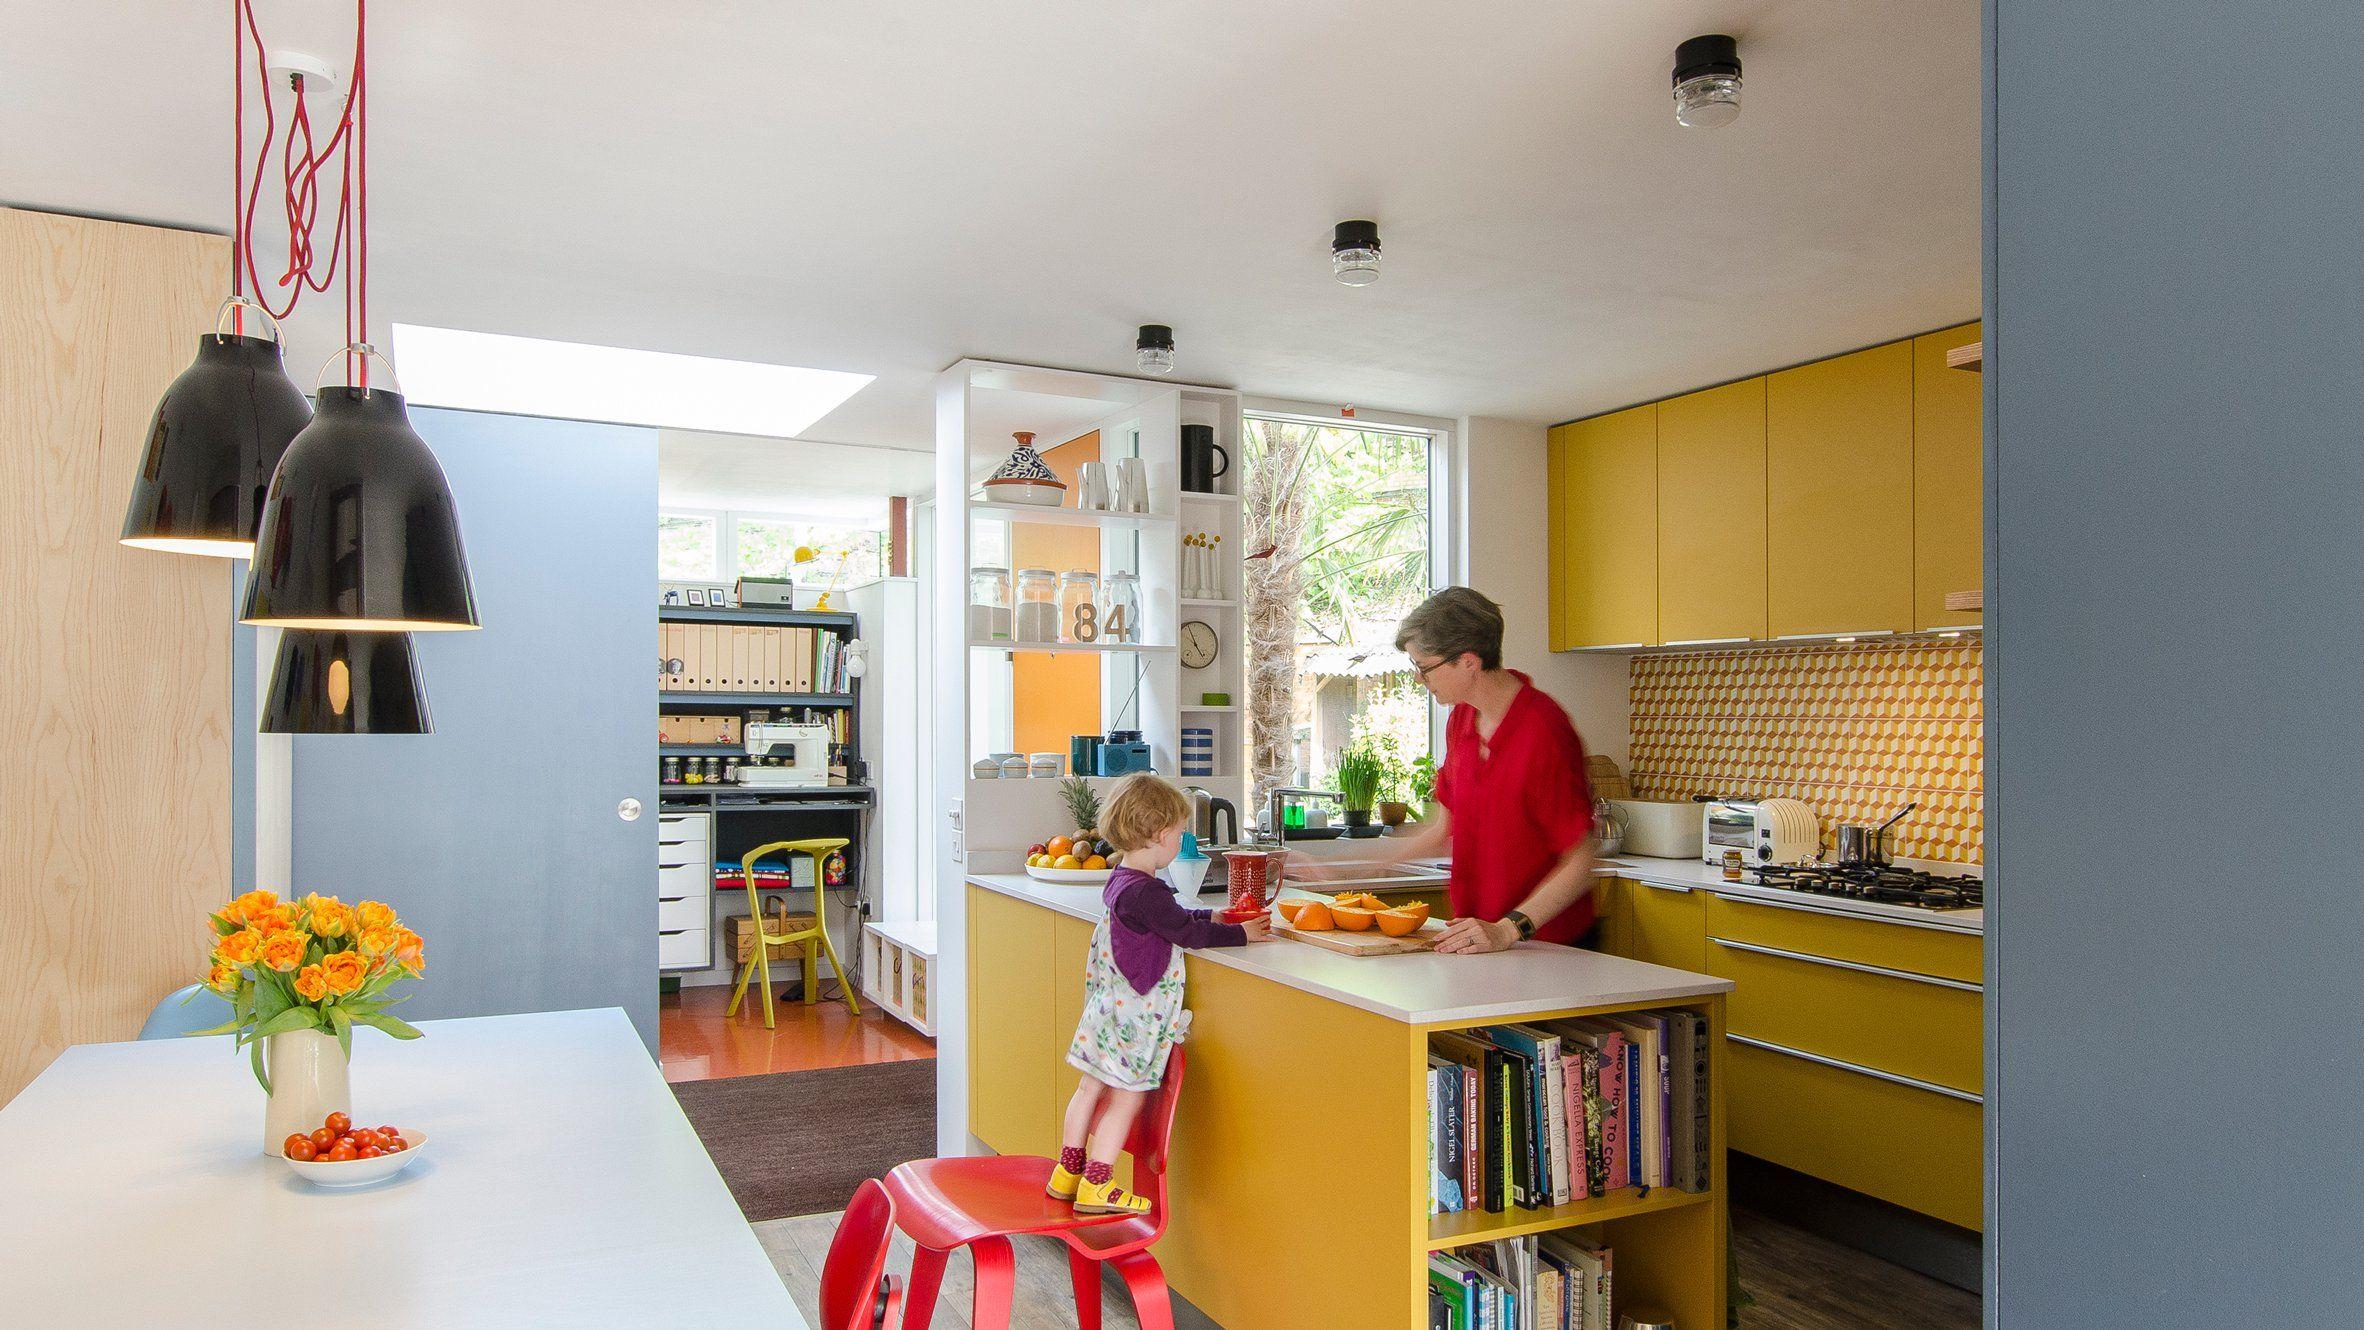 1960s Public Housing Gets Modern Revamp For London Family